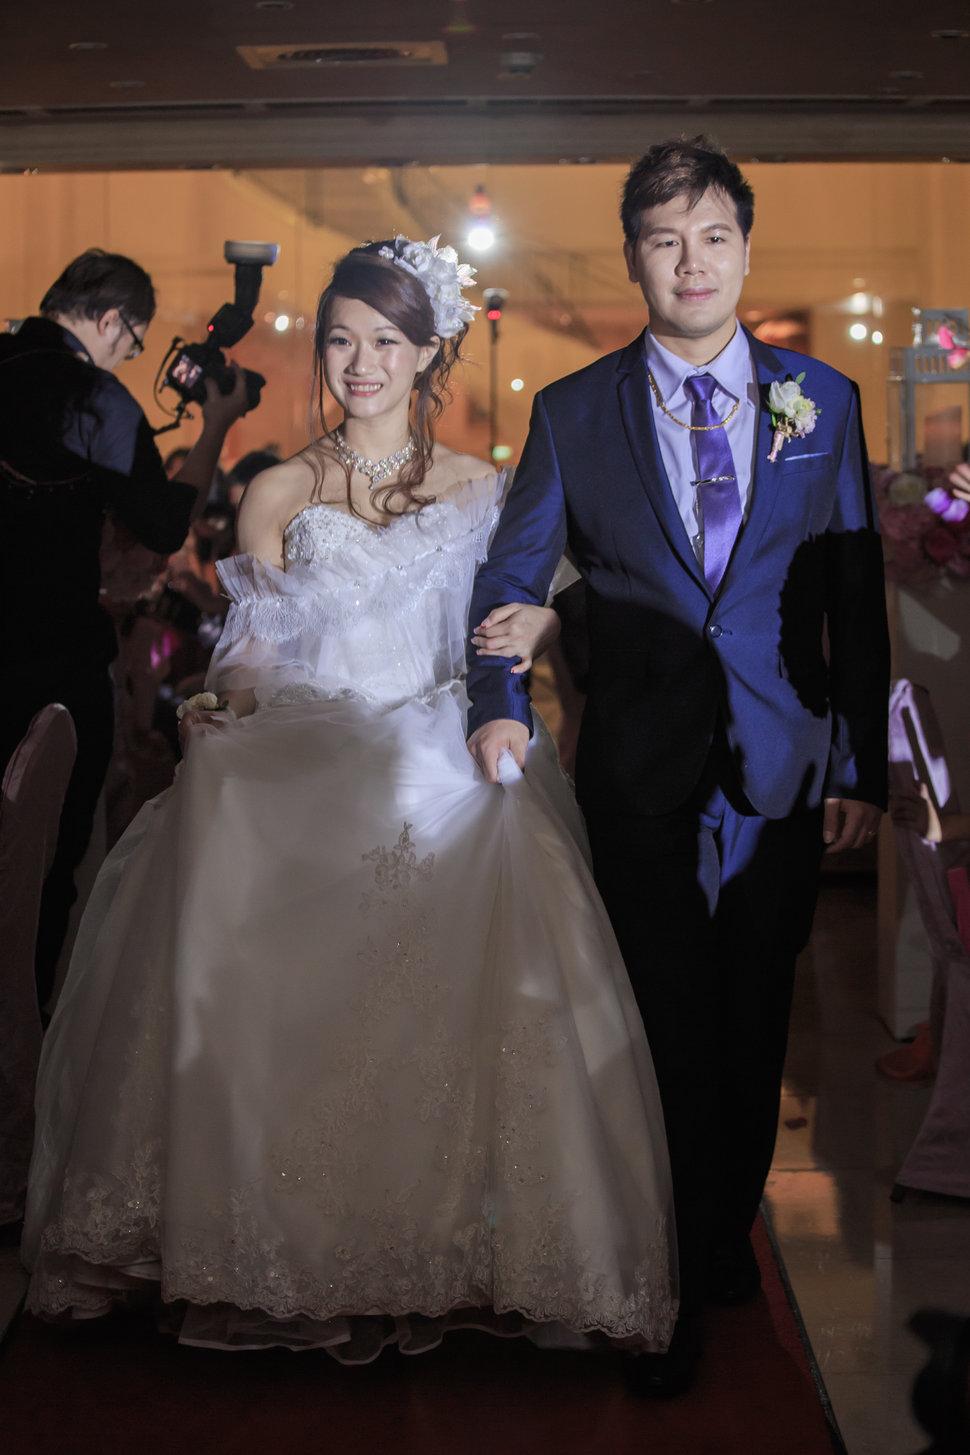 結婚/高雄寒軒(編號:161251) - 绊嵐攝 - 結婚吧